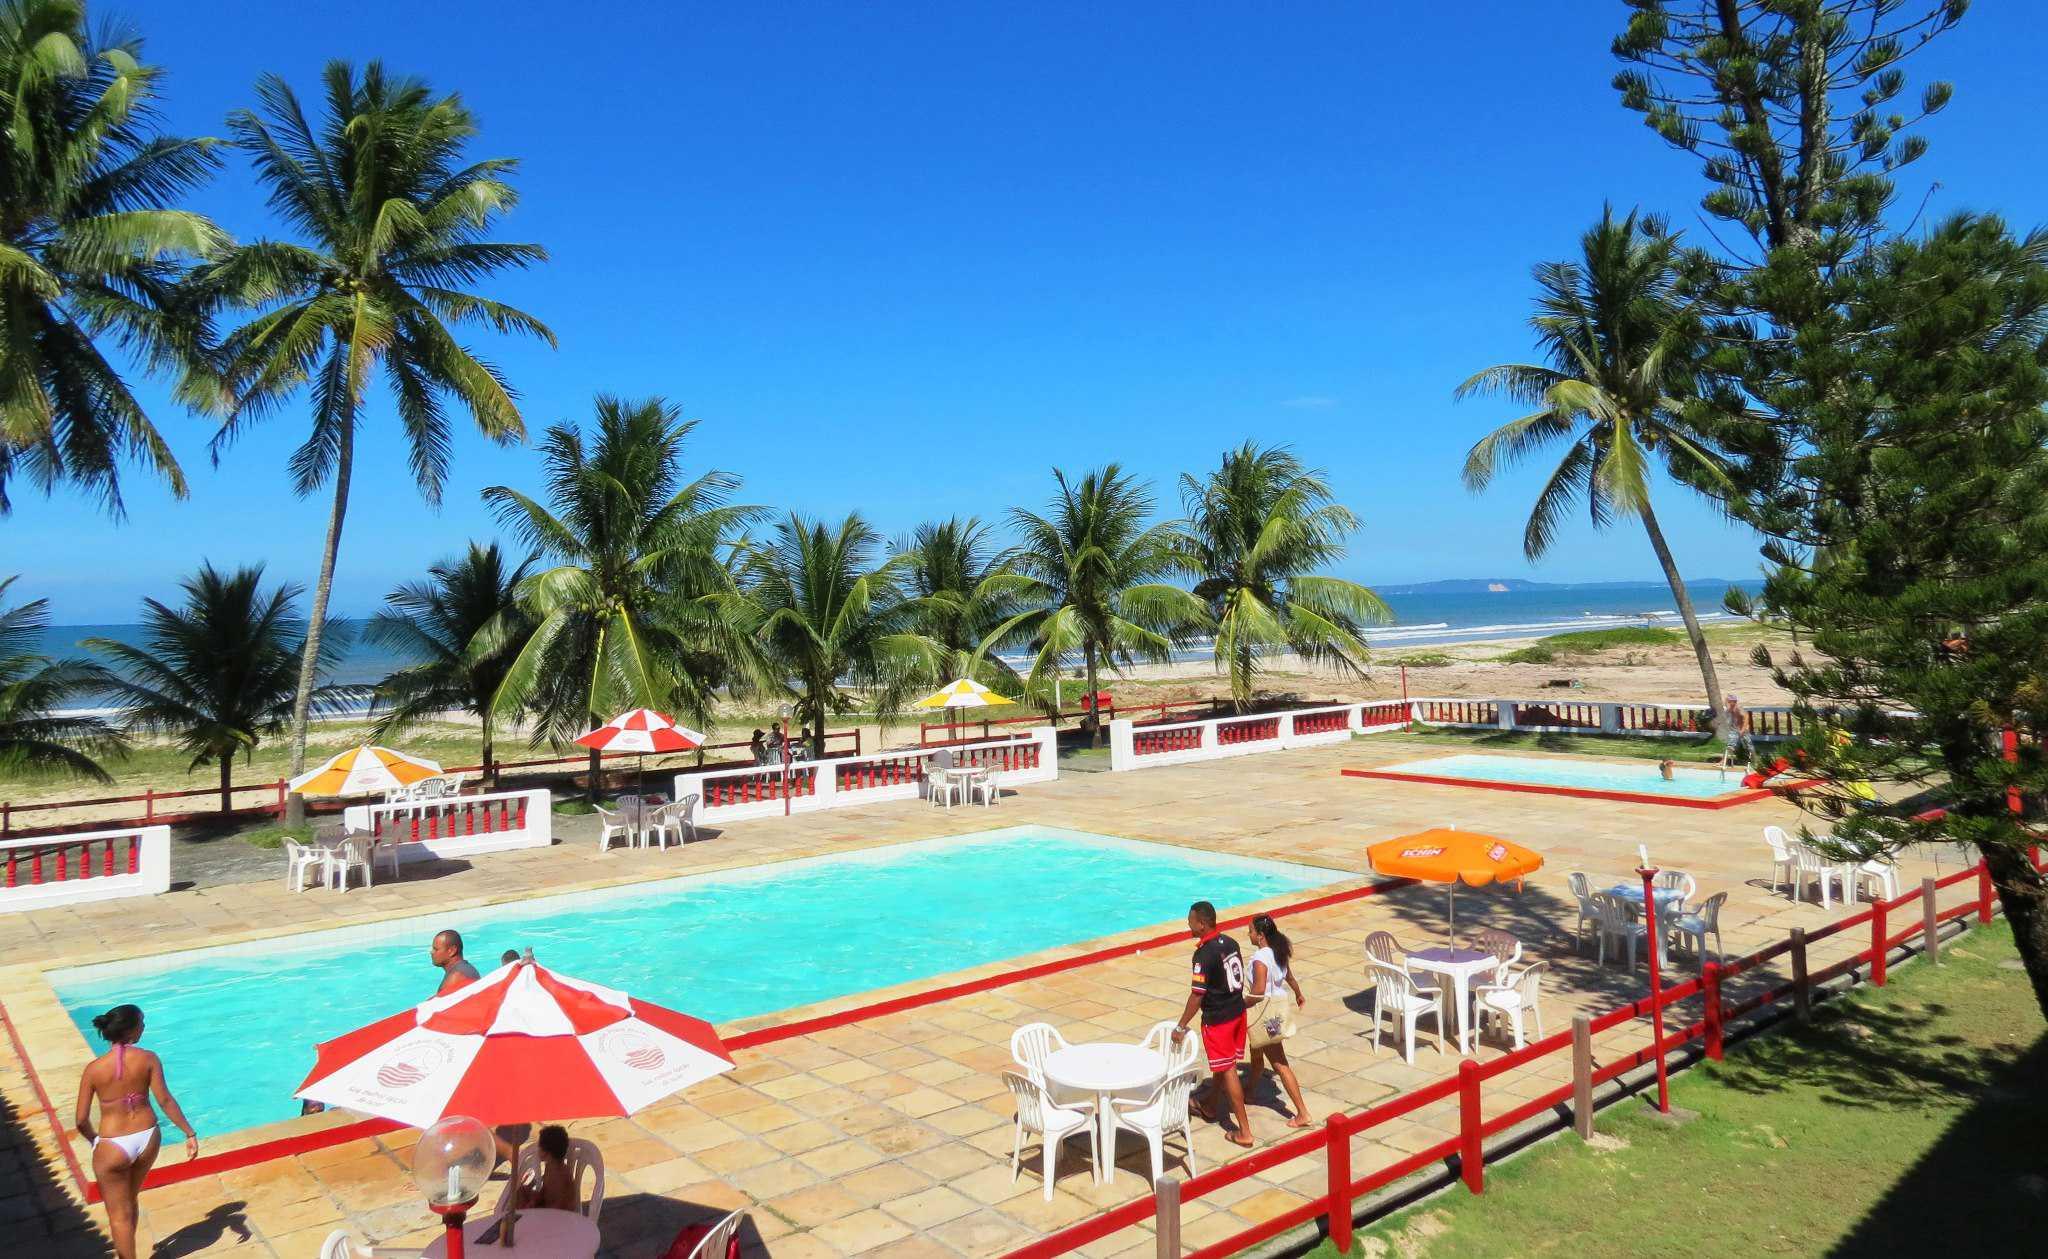 Hotel em Frente a Praia de Guaibim. Com Piscina, Quadra de Areia e Salão de Jogos